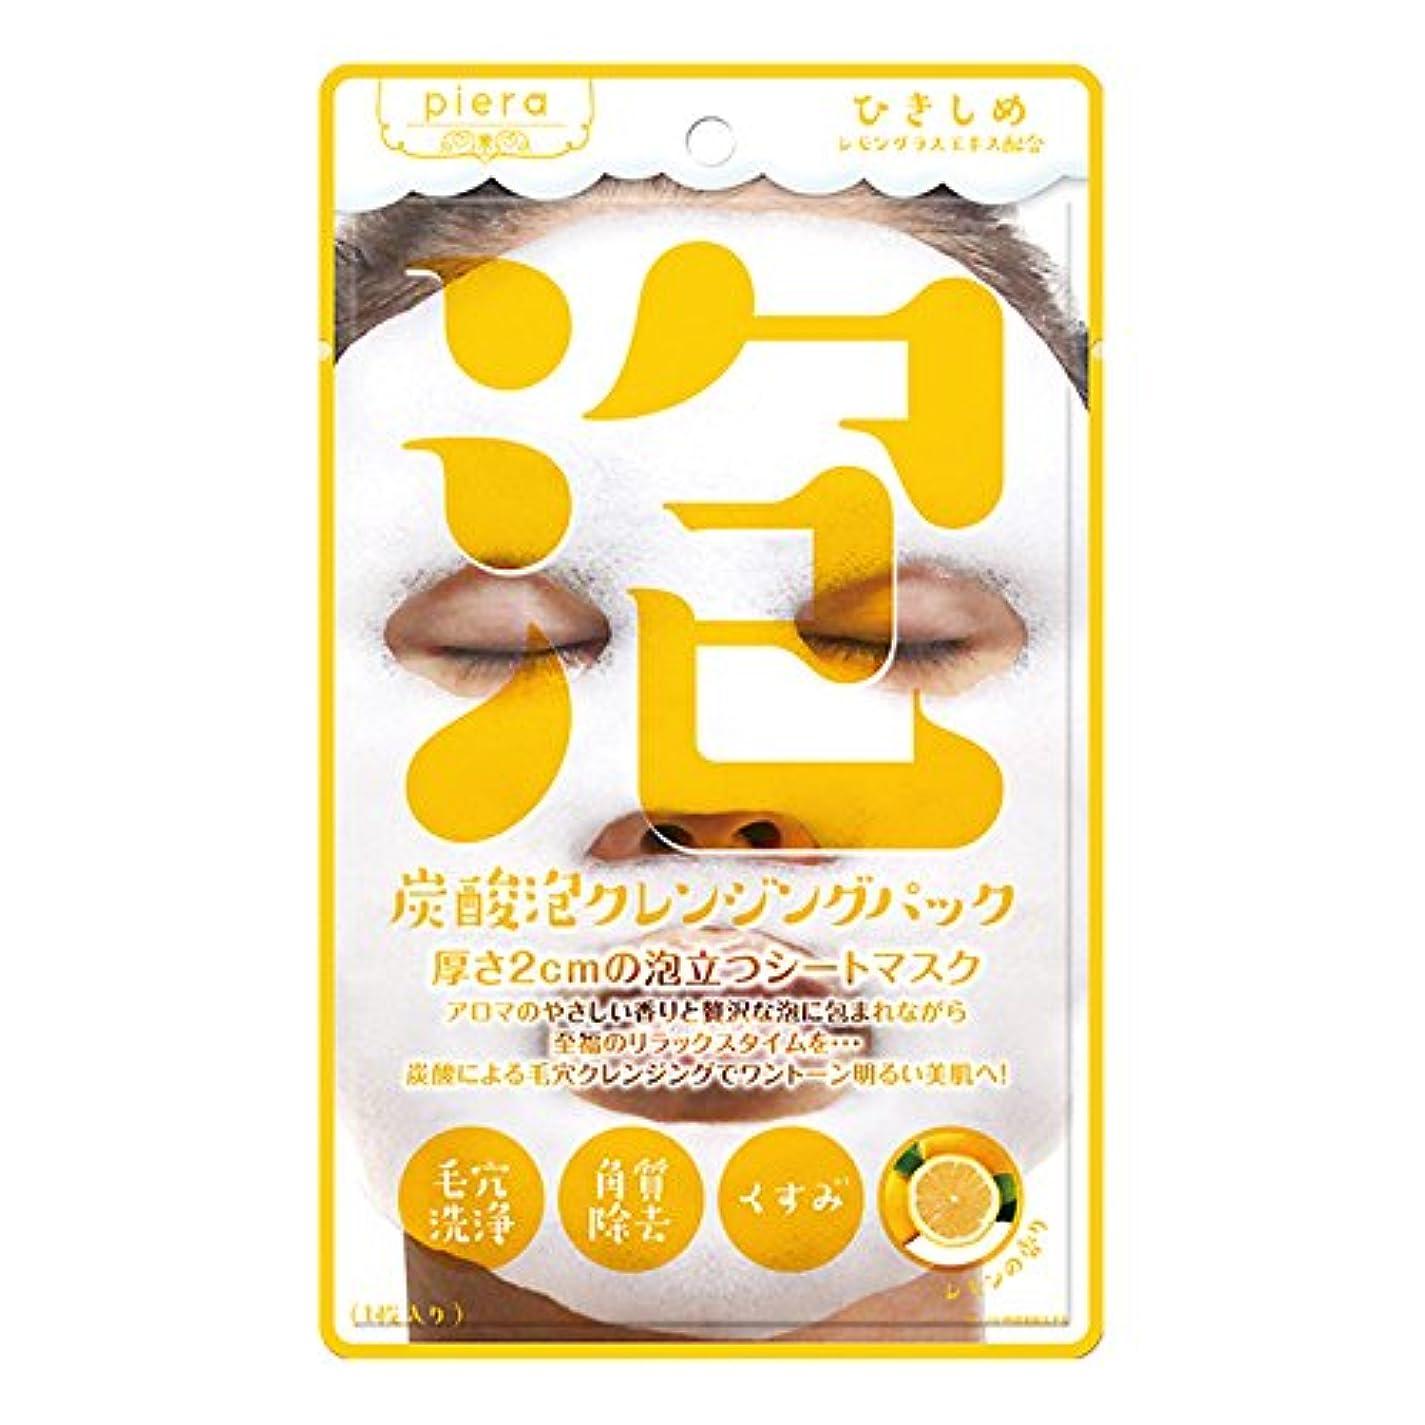 不明瞭報奨金味ピエラ 炭酸泡パック レモン 1枚